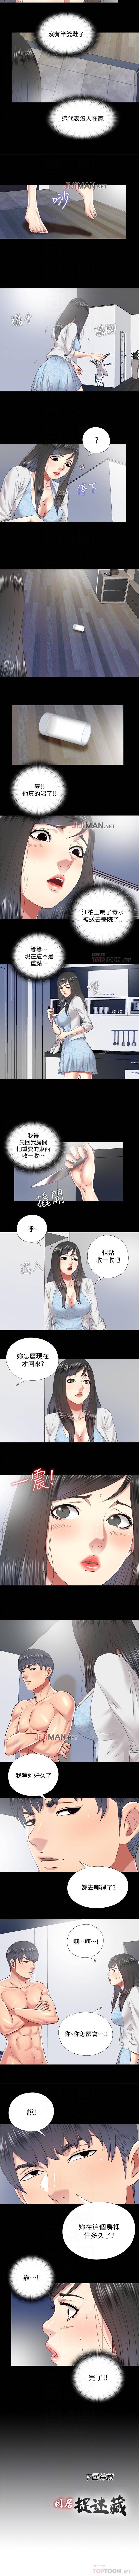 【已完结】同居捉迷藏(作者:林巨星) 第1~30话 114